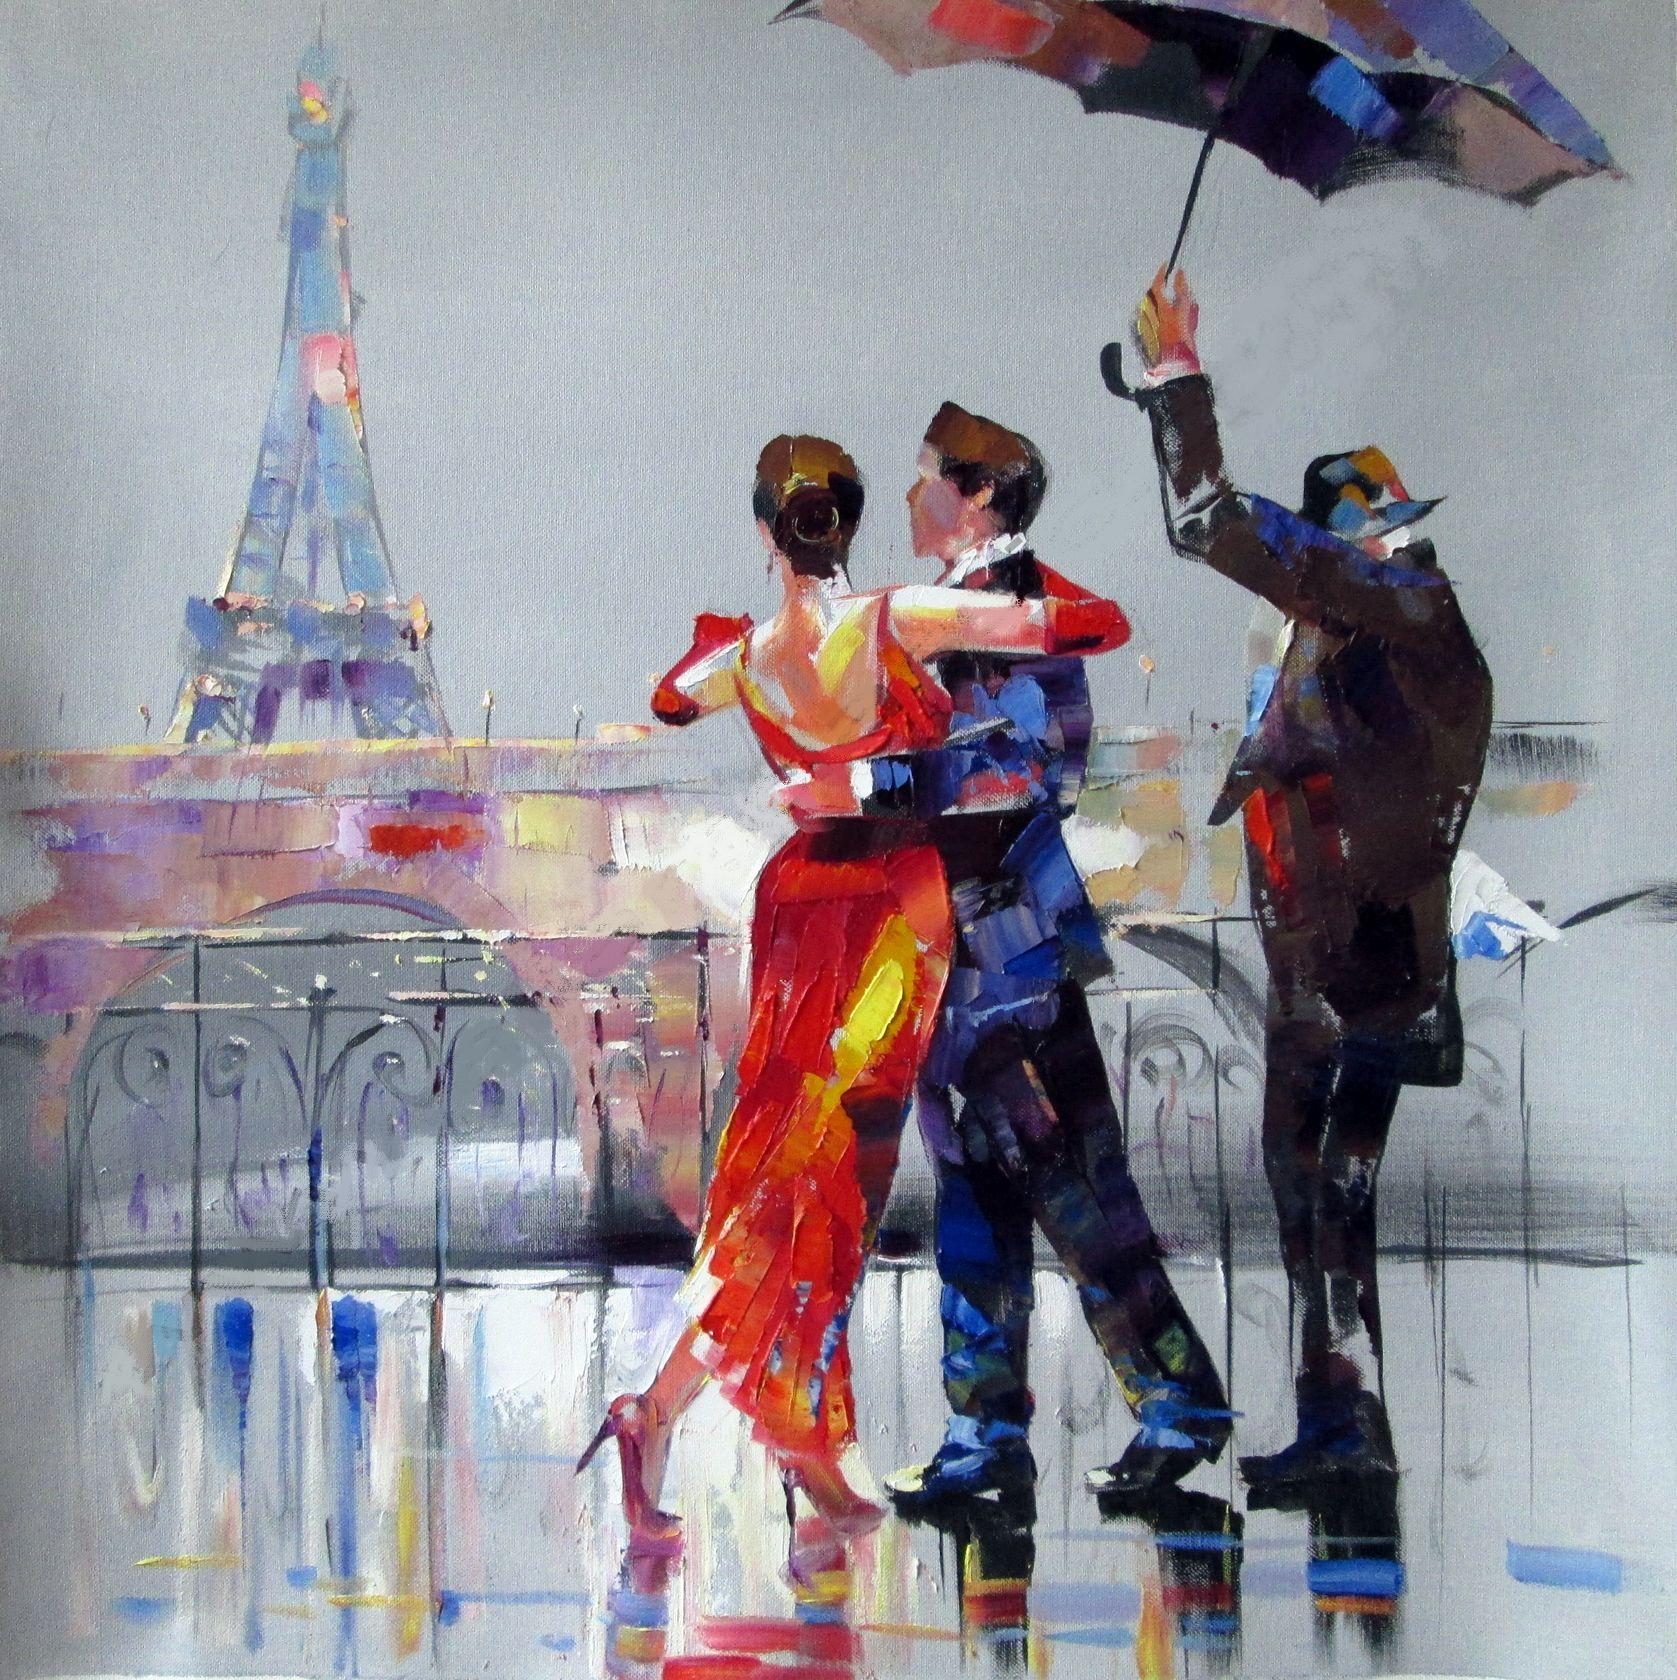 Cristian Vernet - Szerelmesek tánca Párizsban